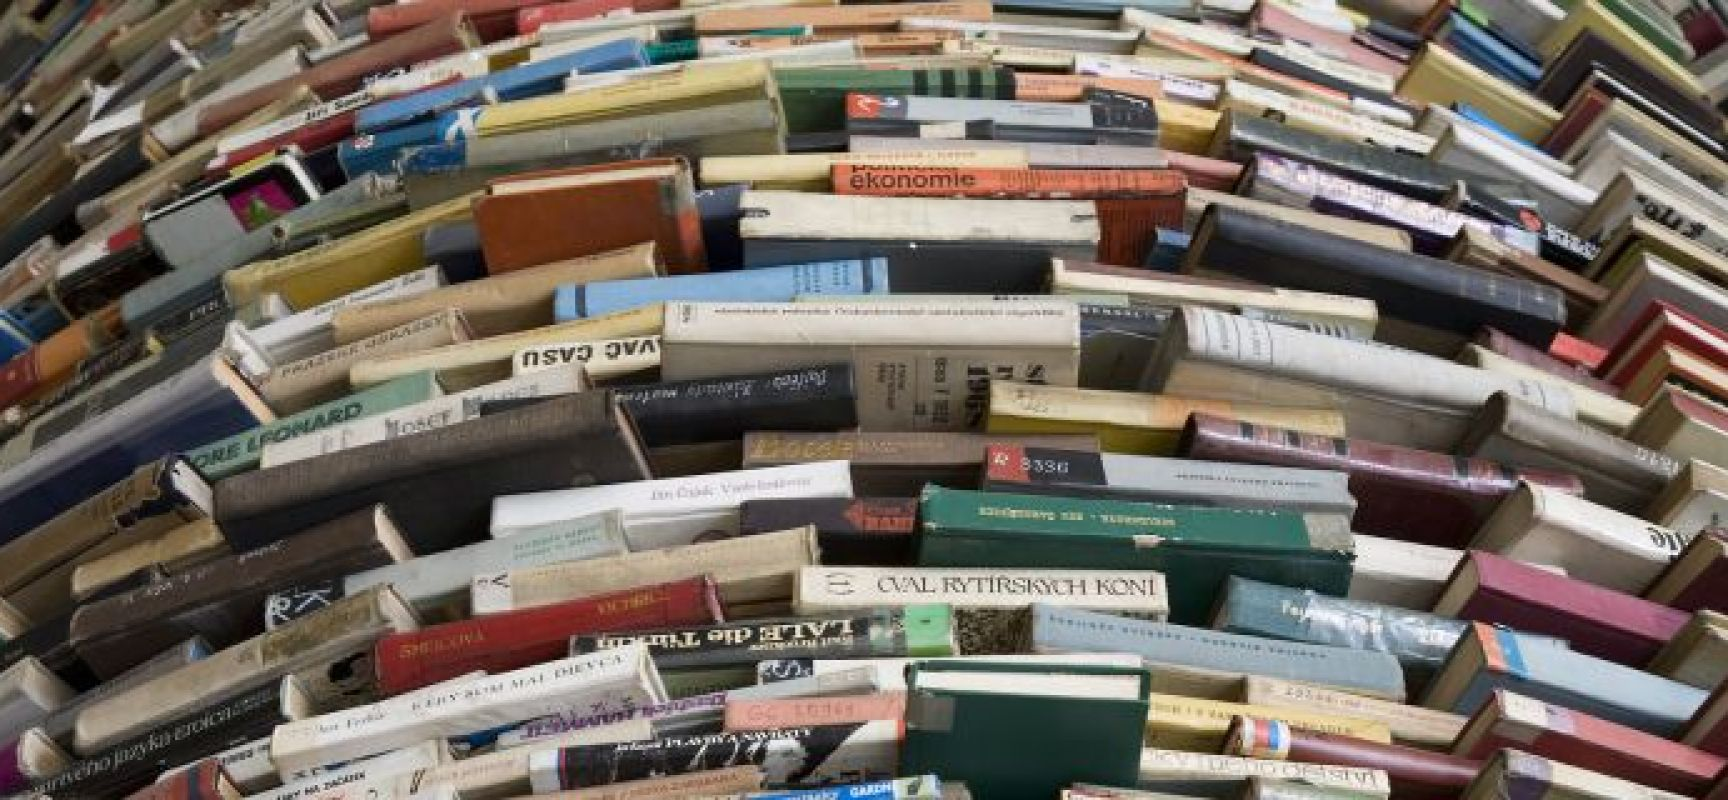 Mercatino dei libri usati iniziata la vendita dei volumi for Vendita libri scolastici